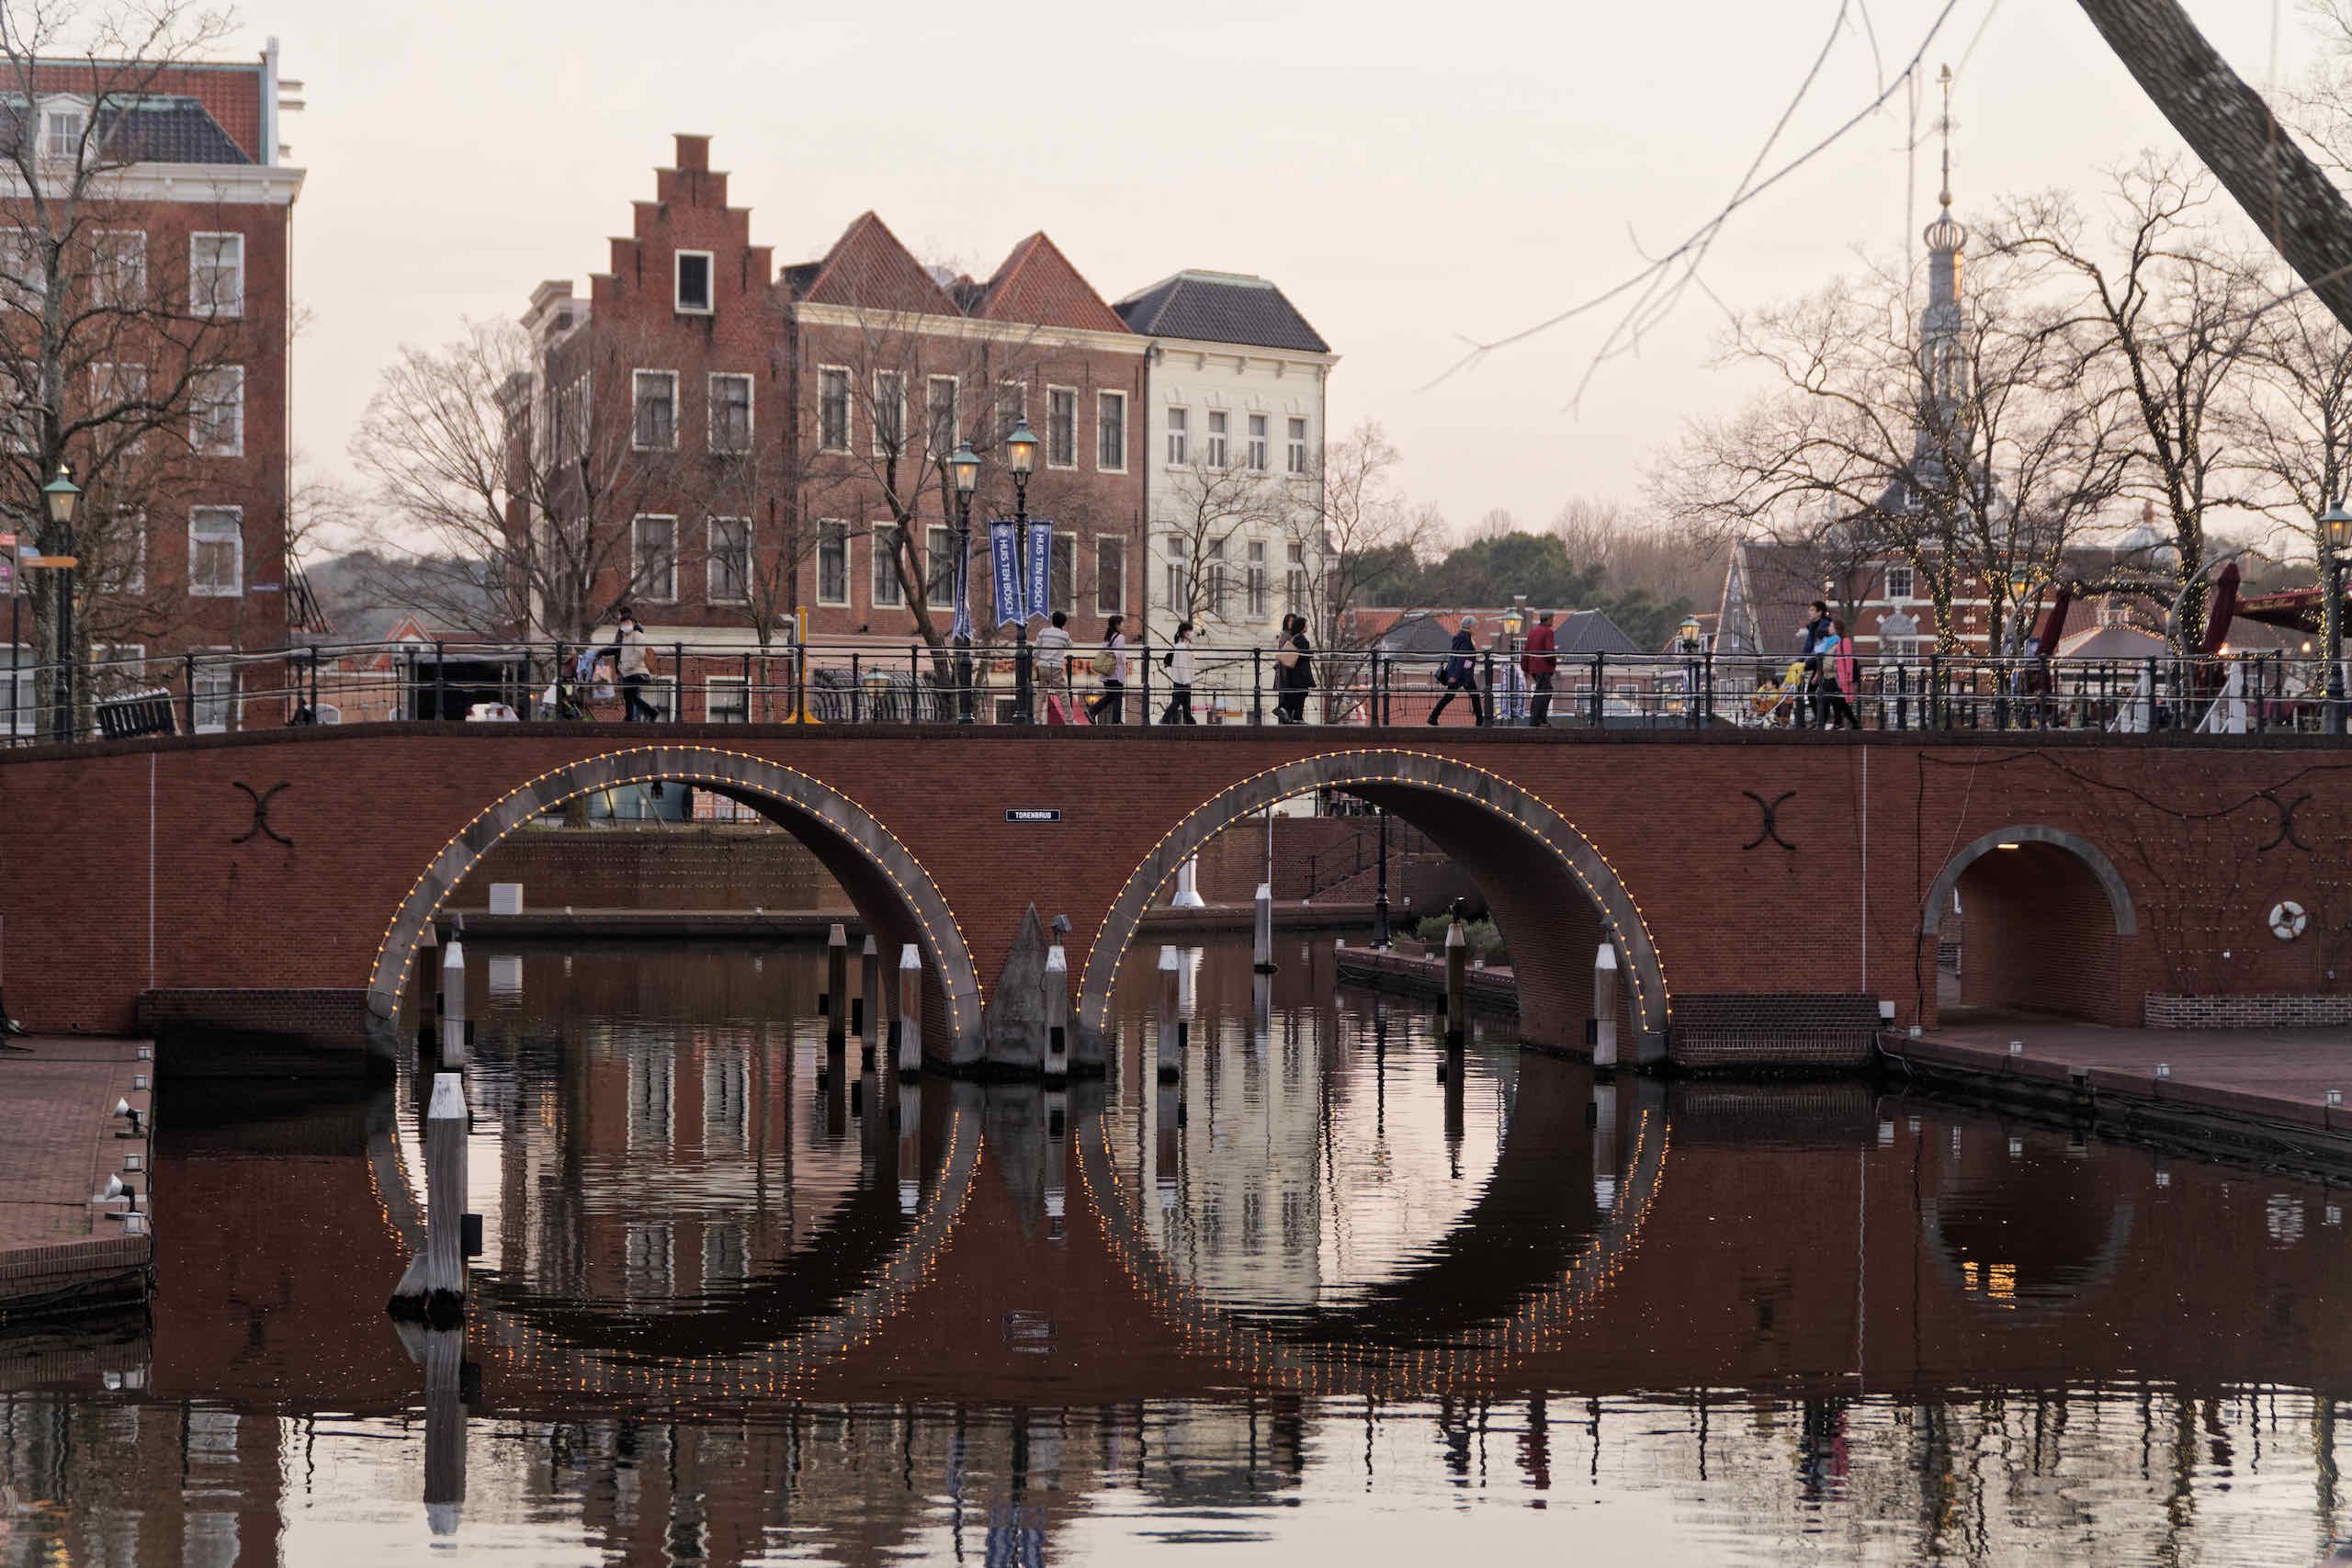 spectacles bridge (1)